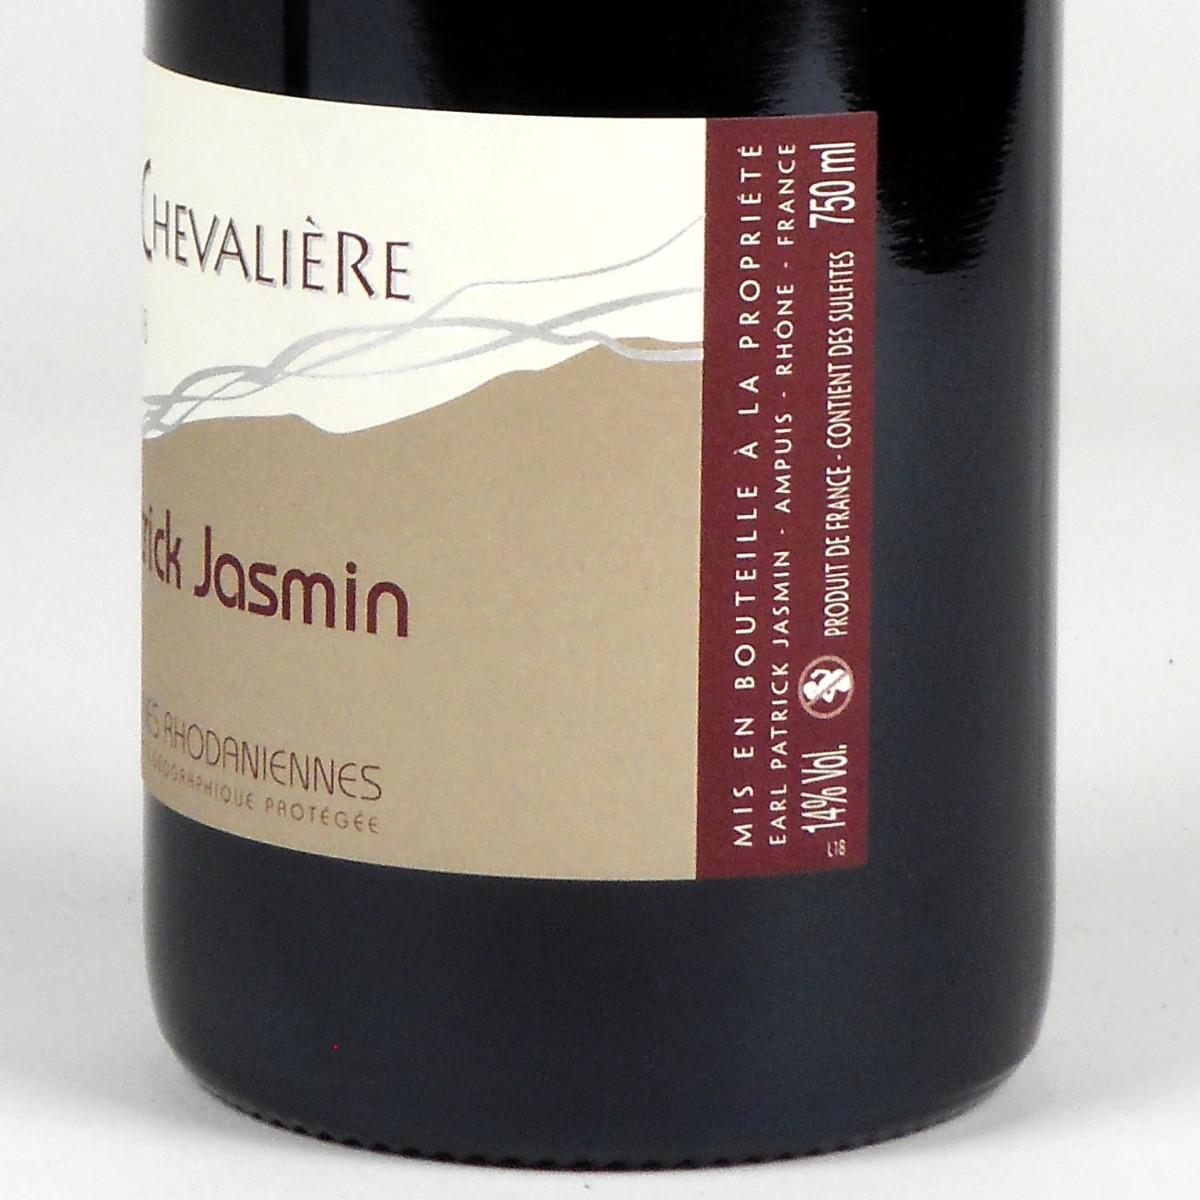 IGP Collines Rhodaniennes: Patrick Jasmin 'La Chevalière' 2018 - Bottle Side Label